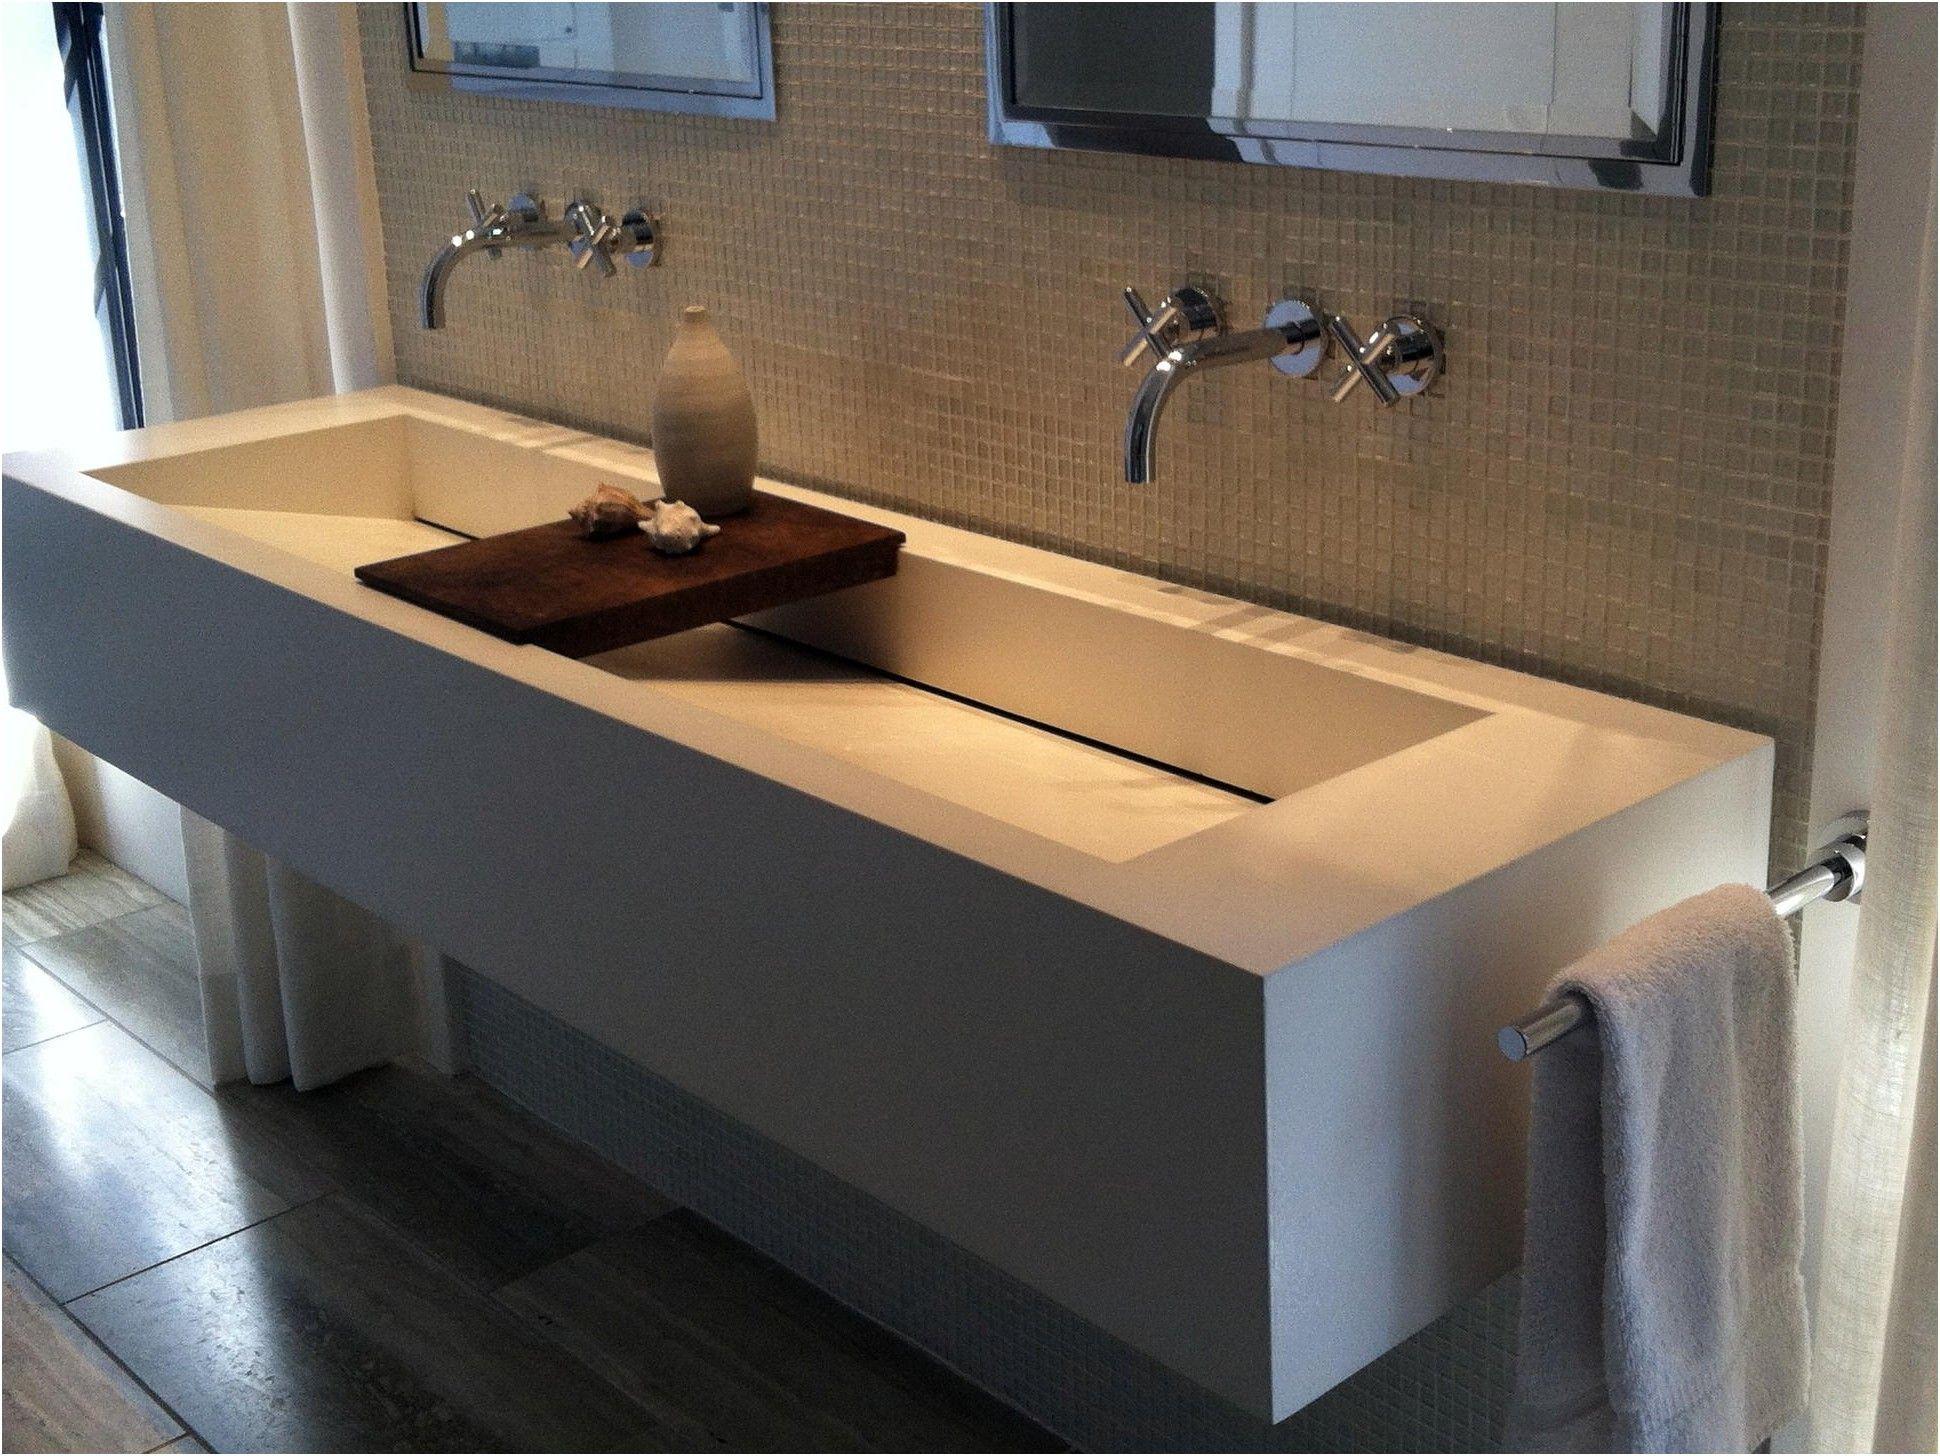 Unique Double Trough Style Bathroom Sink